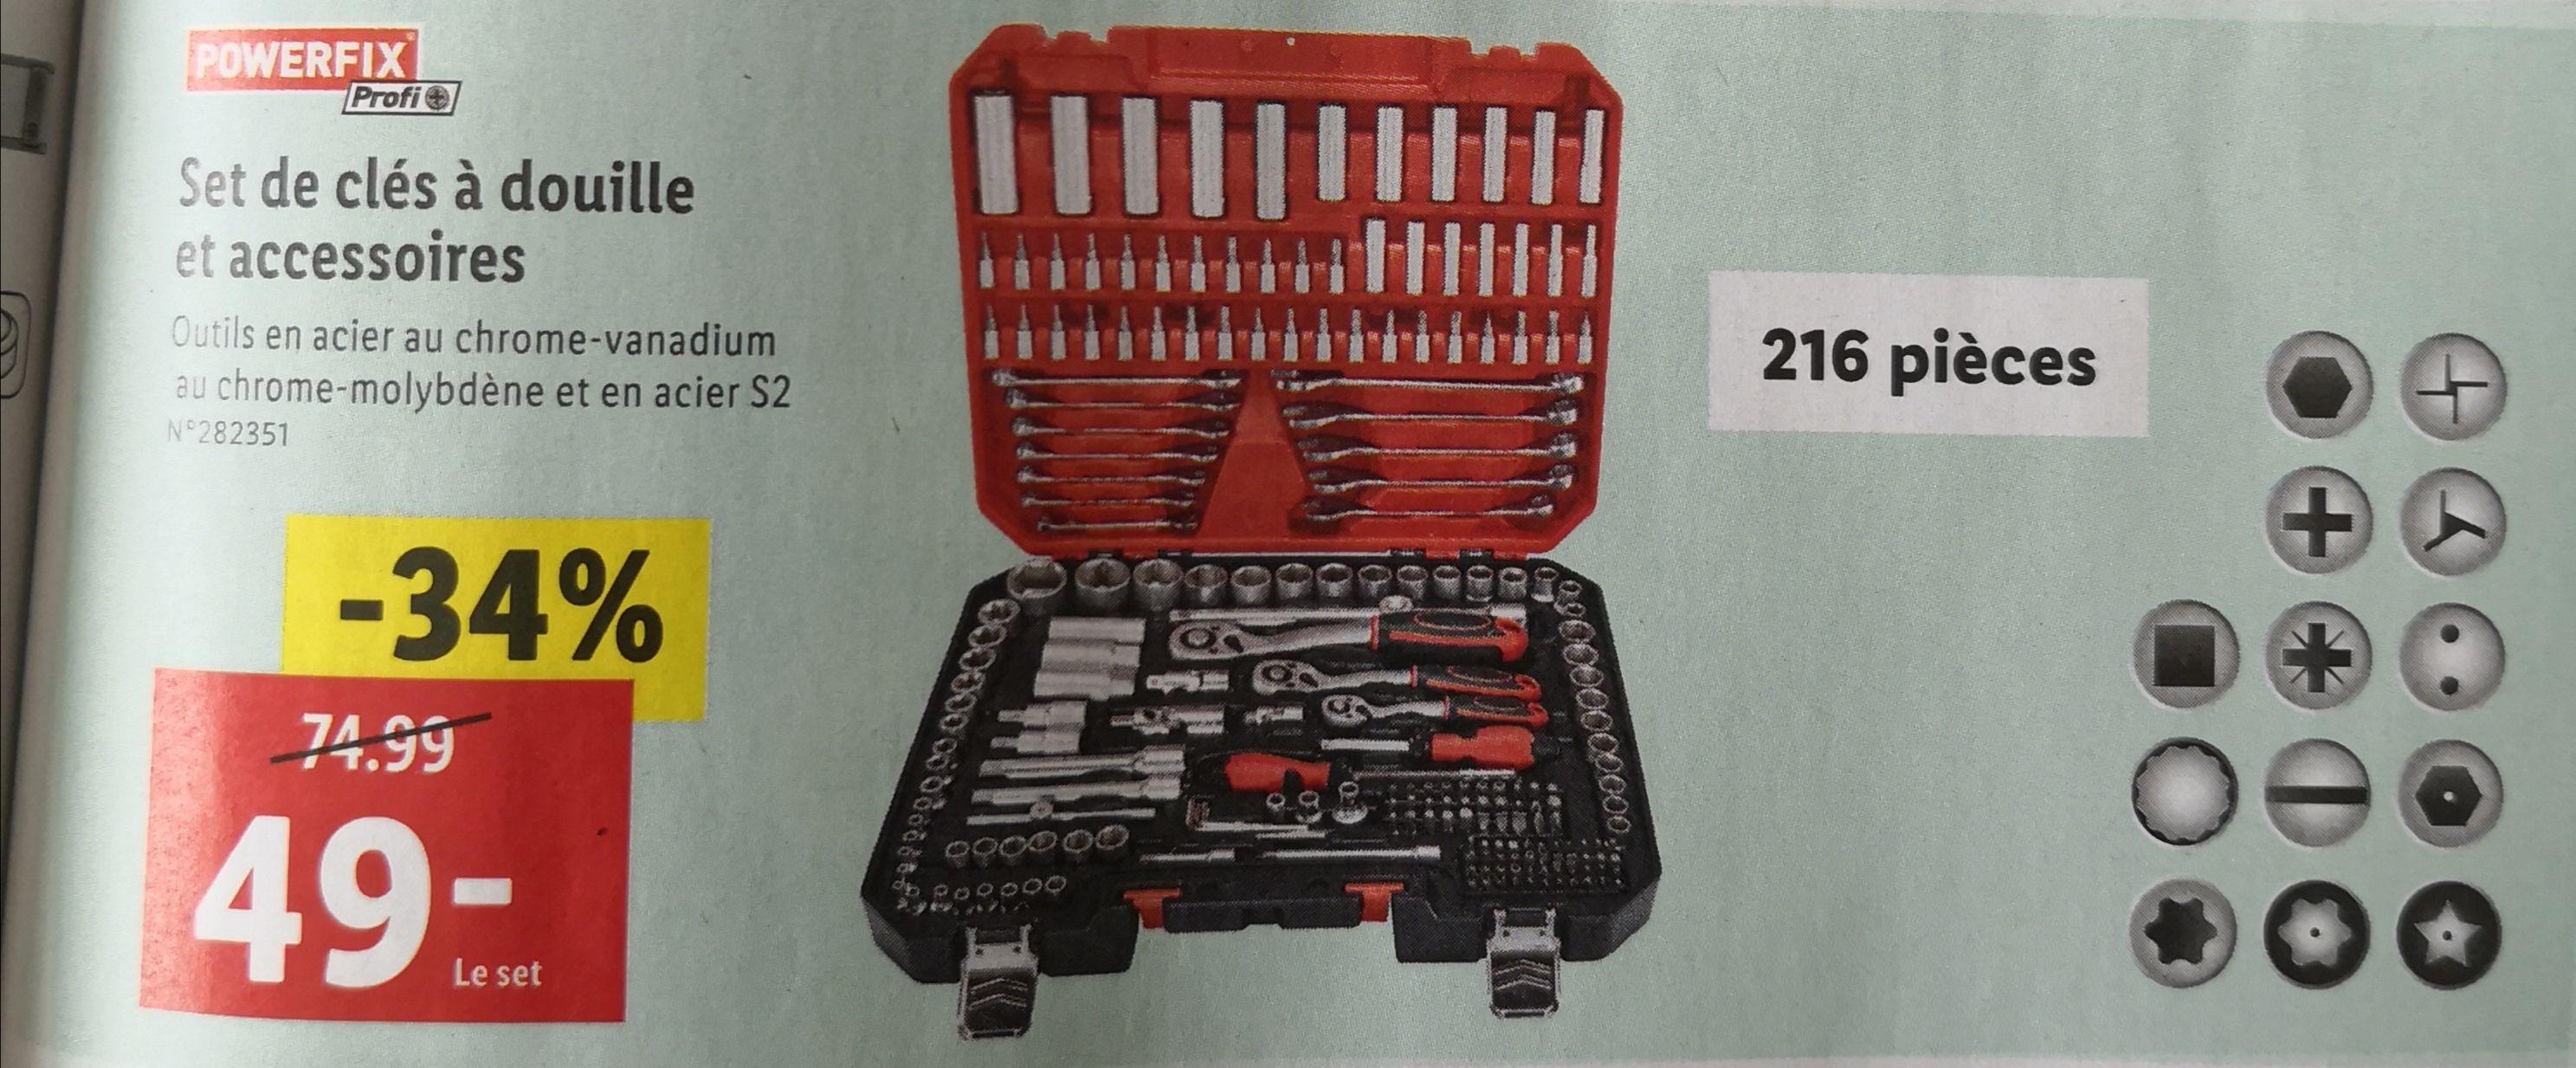 Set de clés à douilles et accessoires - Ambares (33)